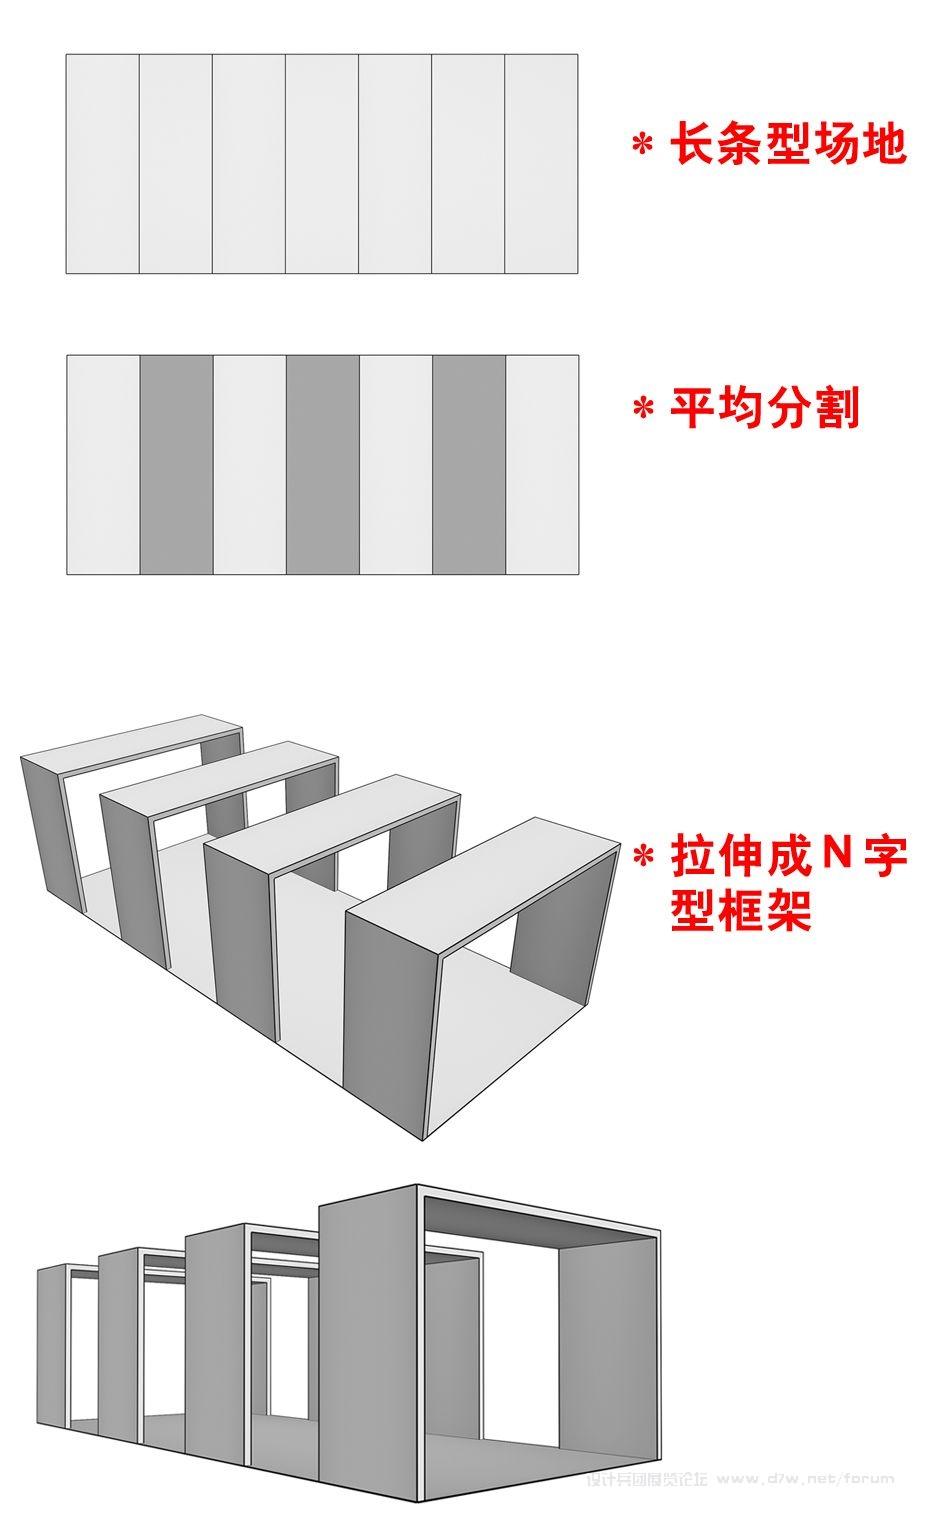 2_n字型.jpg